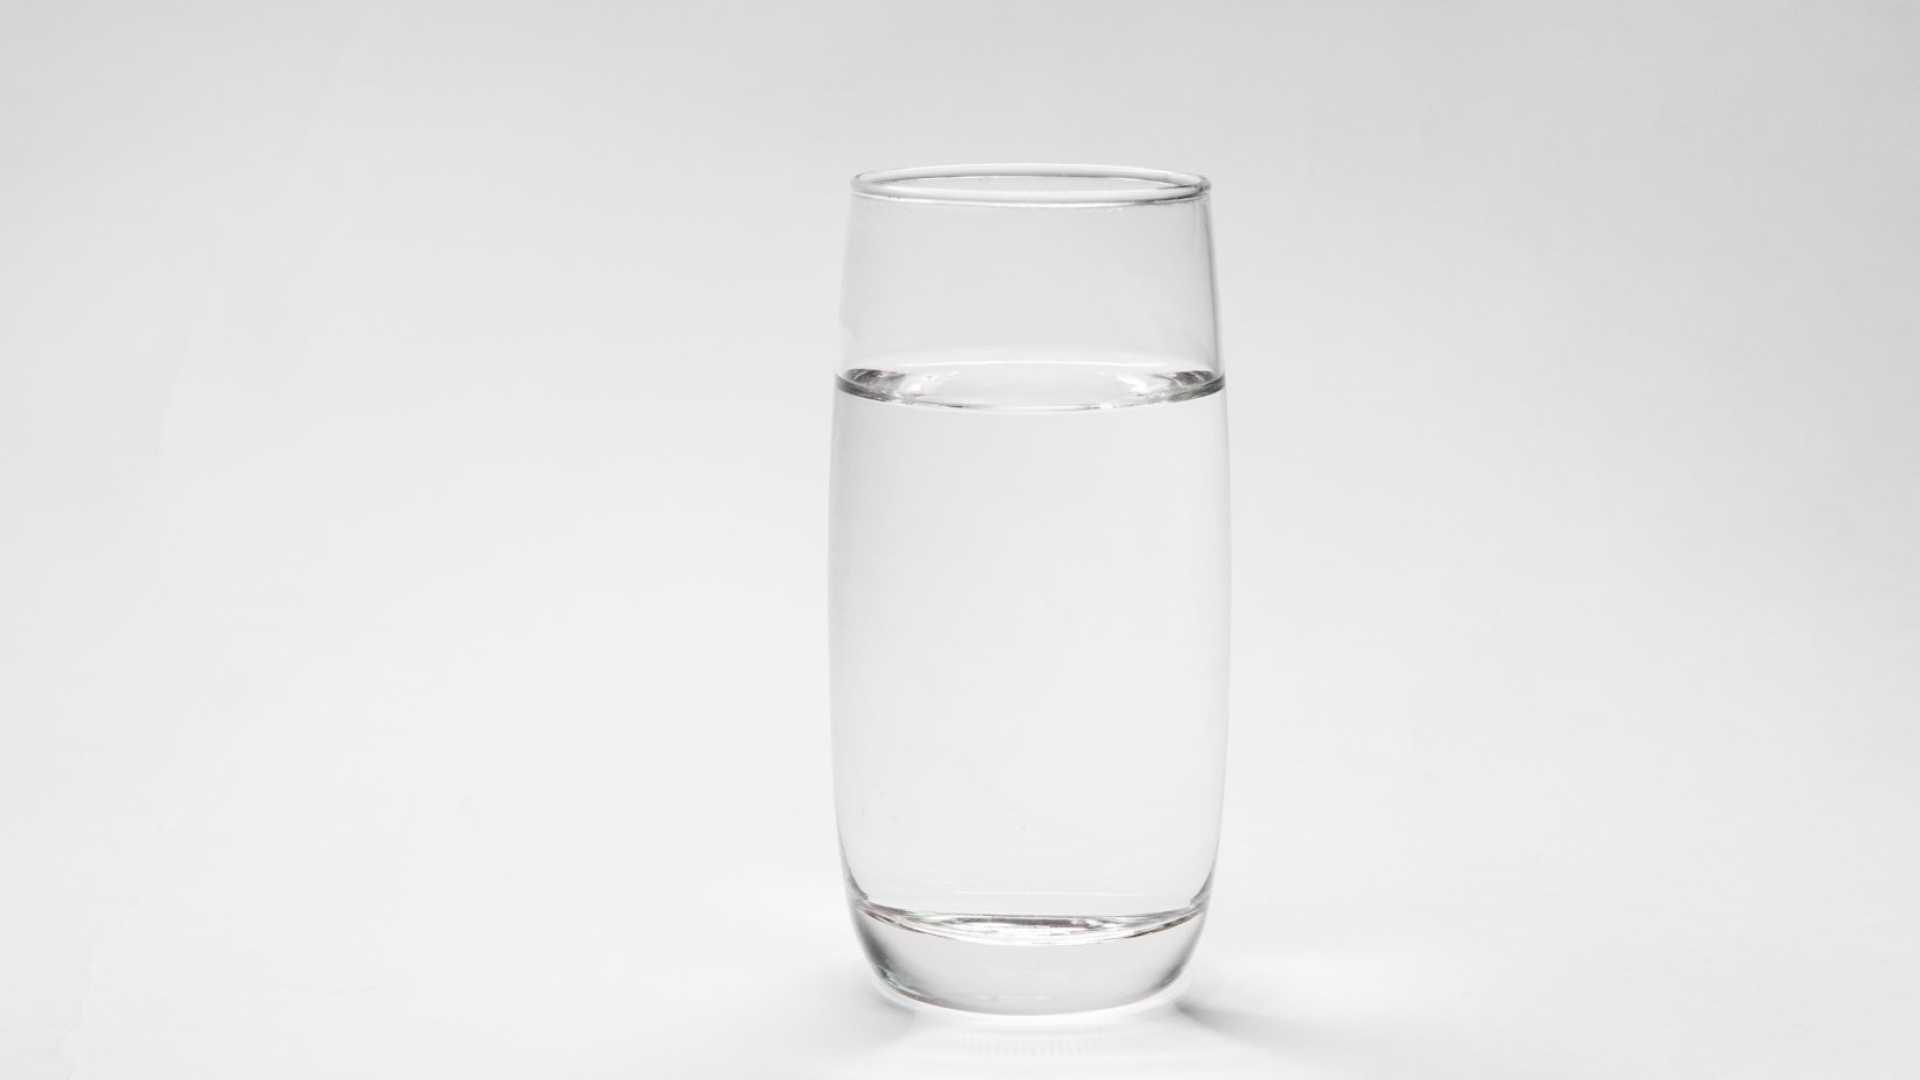 Afbeeldingsresultaat voor glass of water